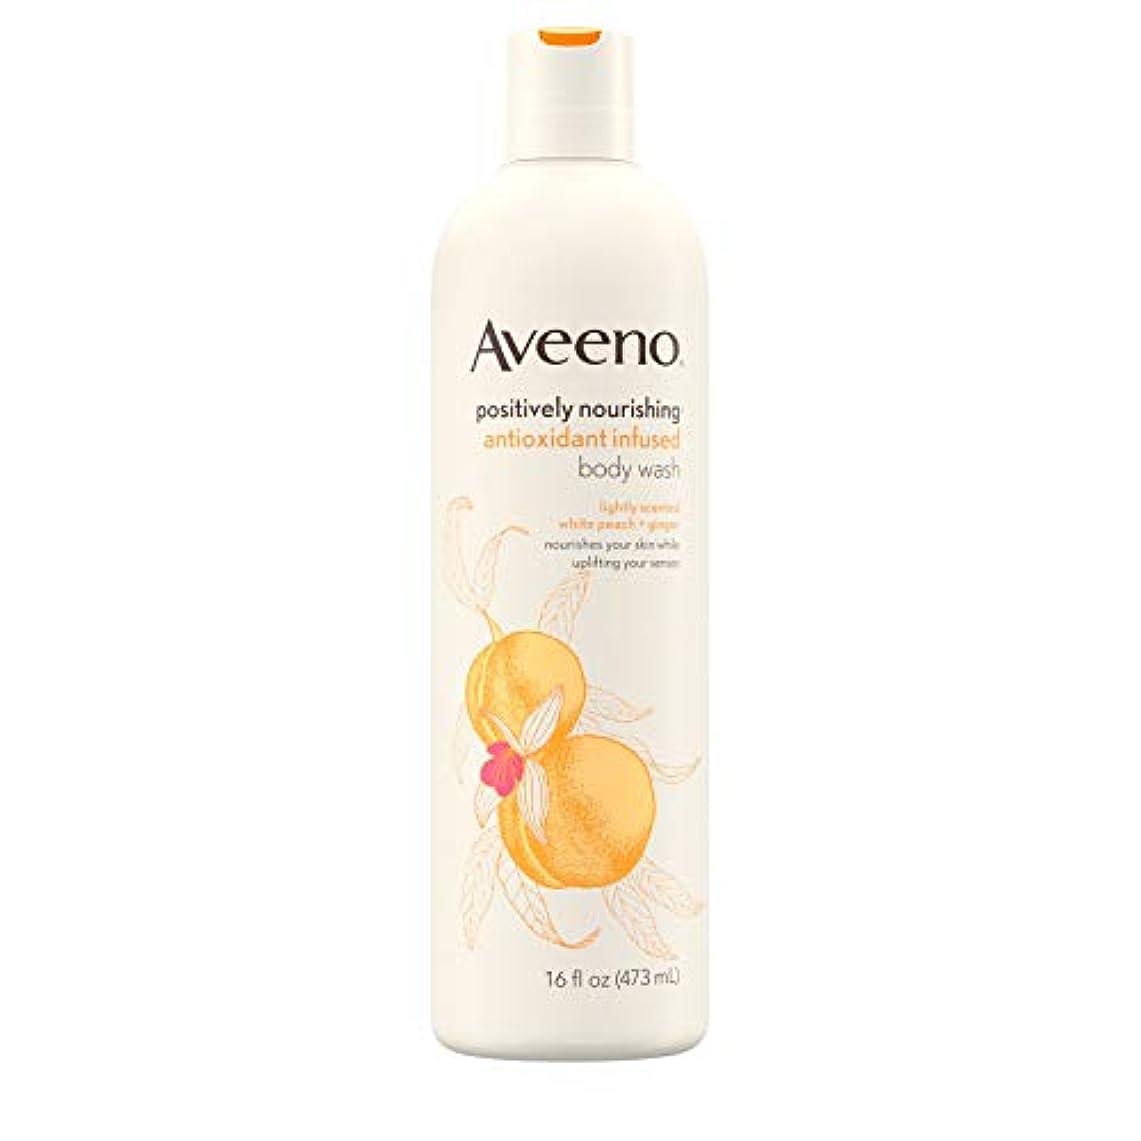 Aveeno Positively Nourishing Antioxidant Infused Body Wash, 16 Oz by Aveeno